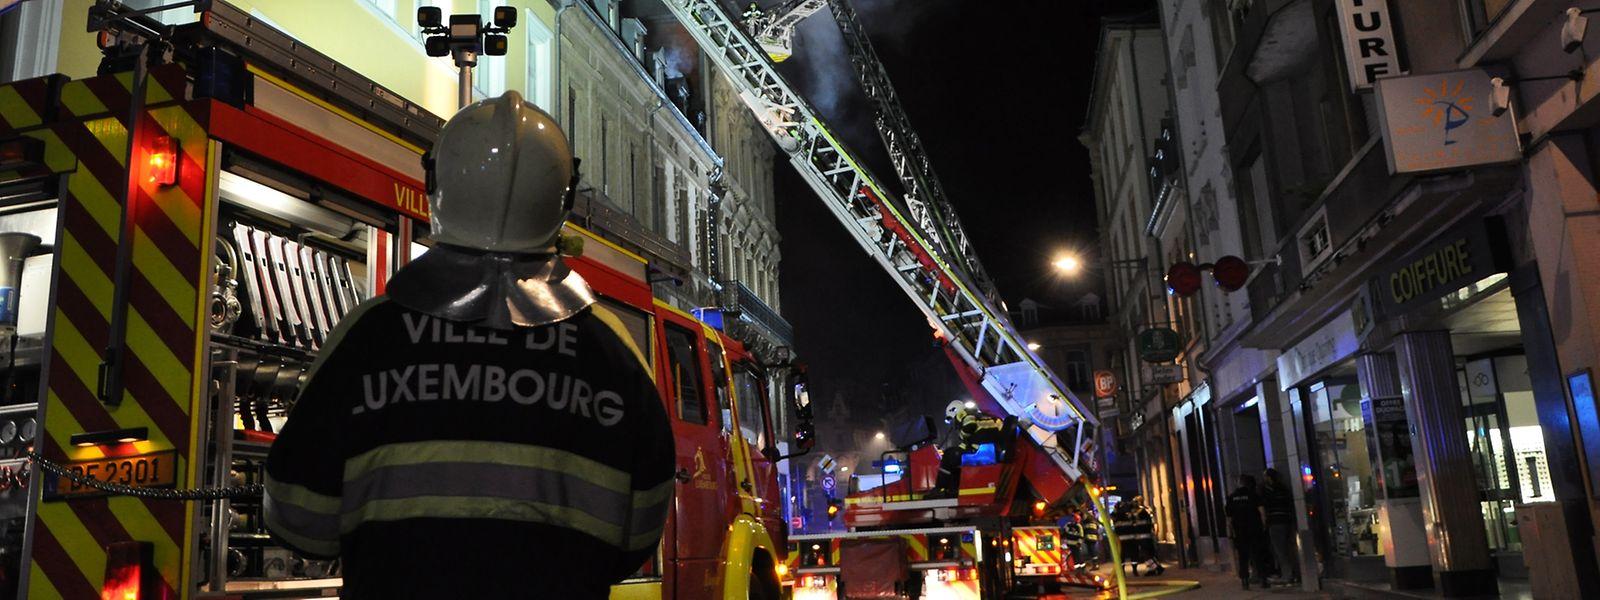 In der Nacht zum 28. Juli 2015 wurde in einem Gebäude in der hauptstädtischen Rue Jean Origer ein Feuer gelegt.